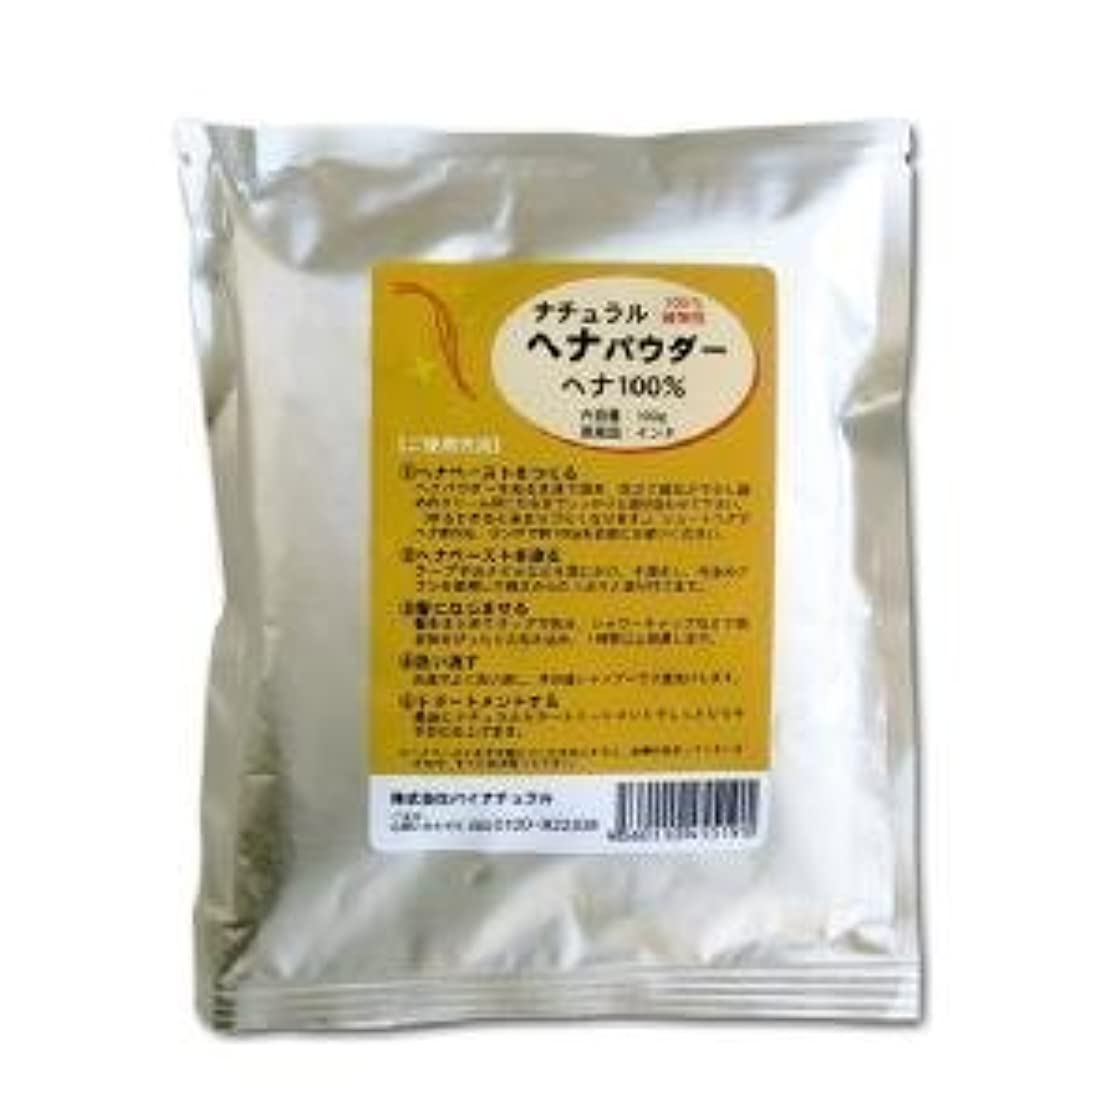 散逸株式電池ナチュラルヘナパウダー:100g 【ヘナ100%/カラー:オレンジ】(植物生まれの白髪染め)